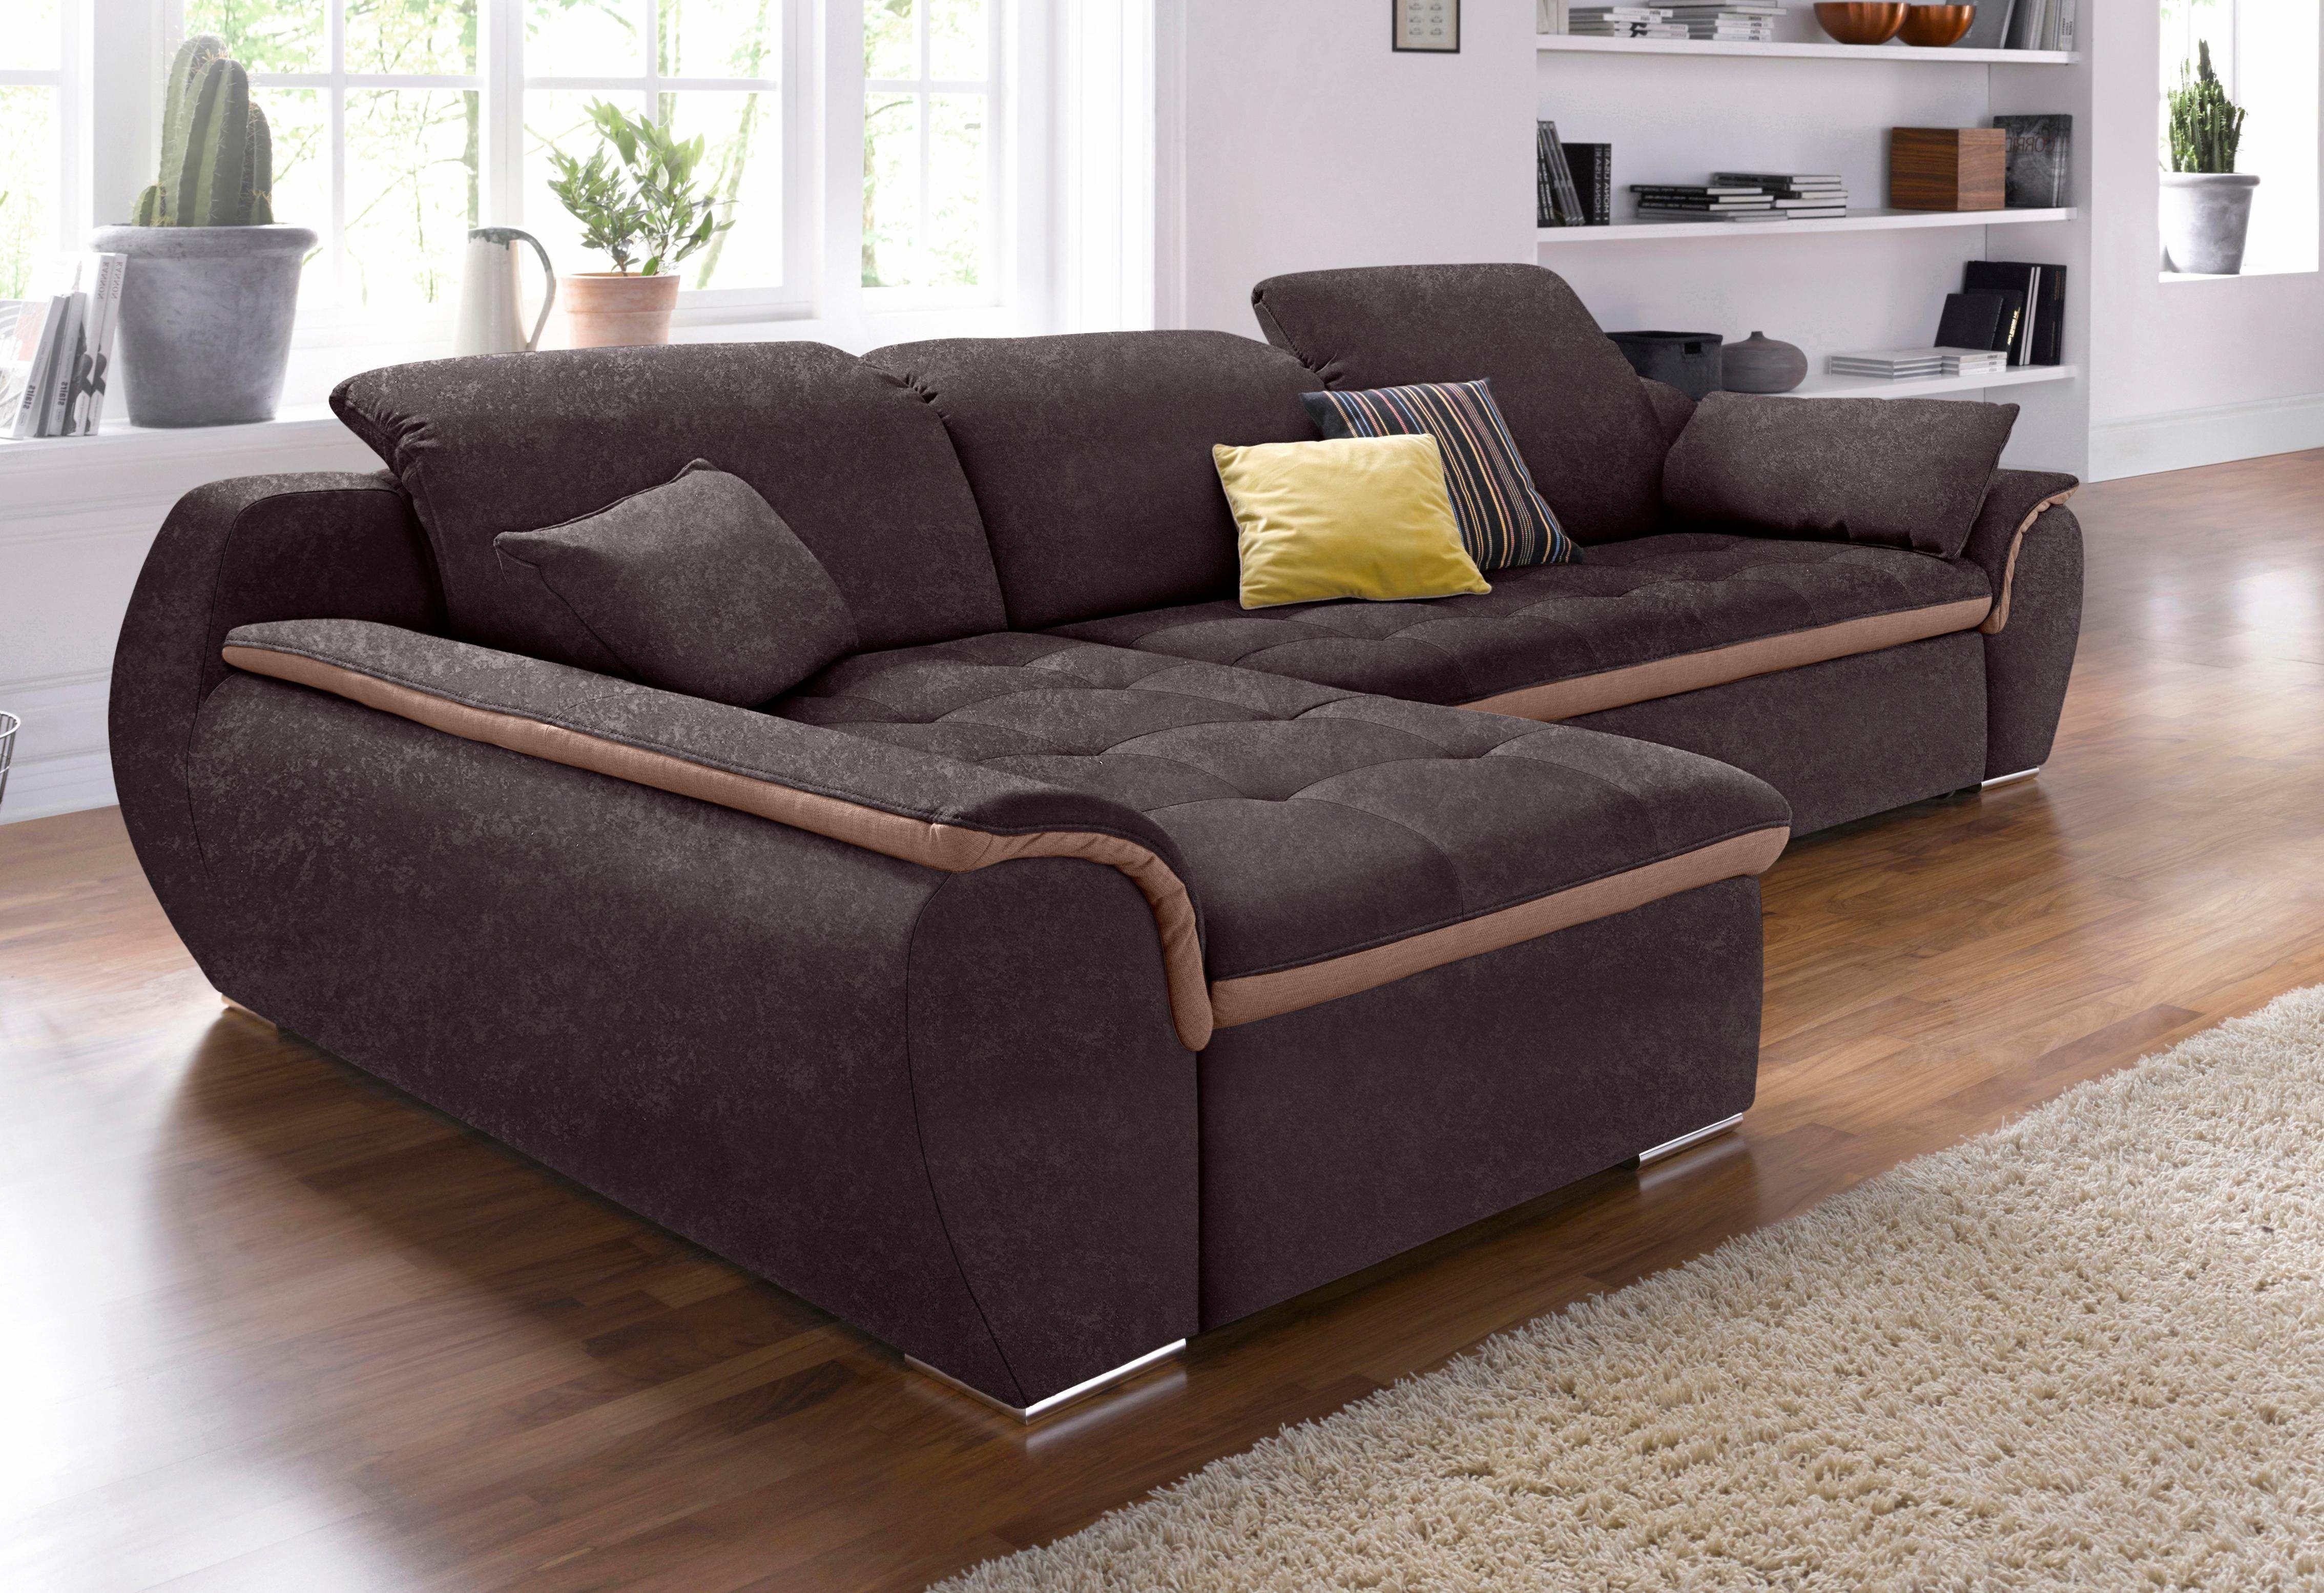 Wohnzimmer Garnituren ~ Raum.id polstergarnitur braun recamiere links fsc® zertifiziert